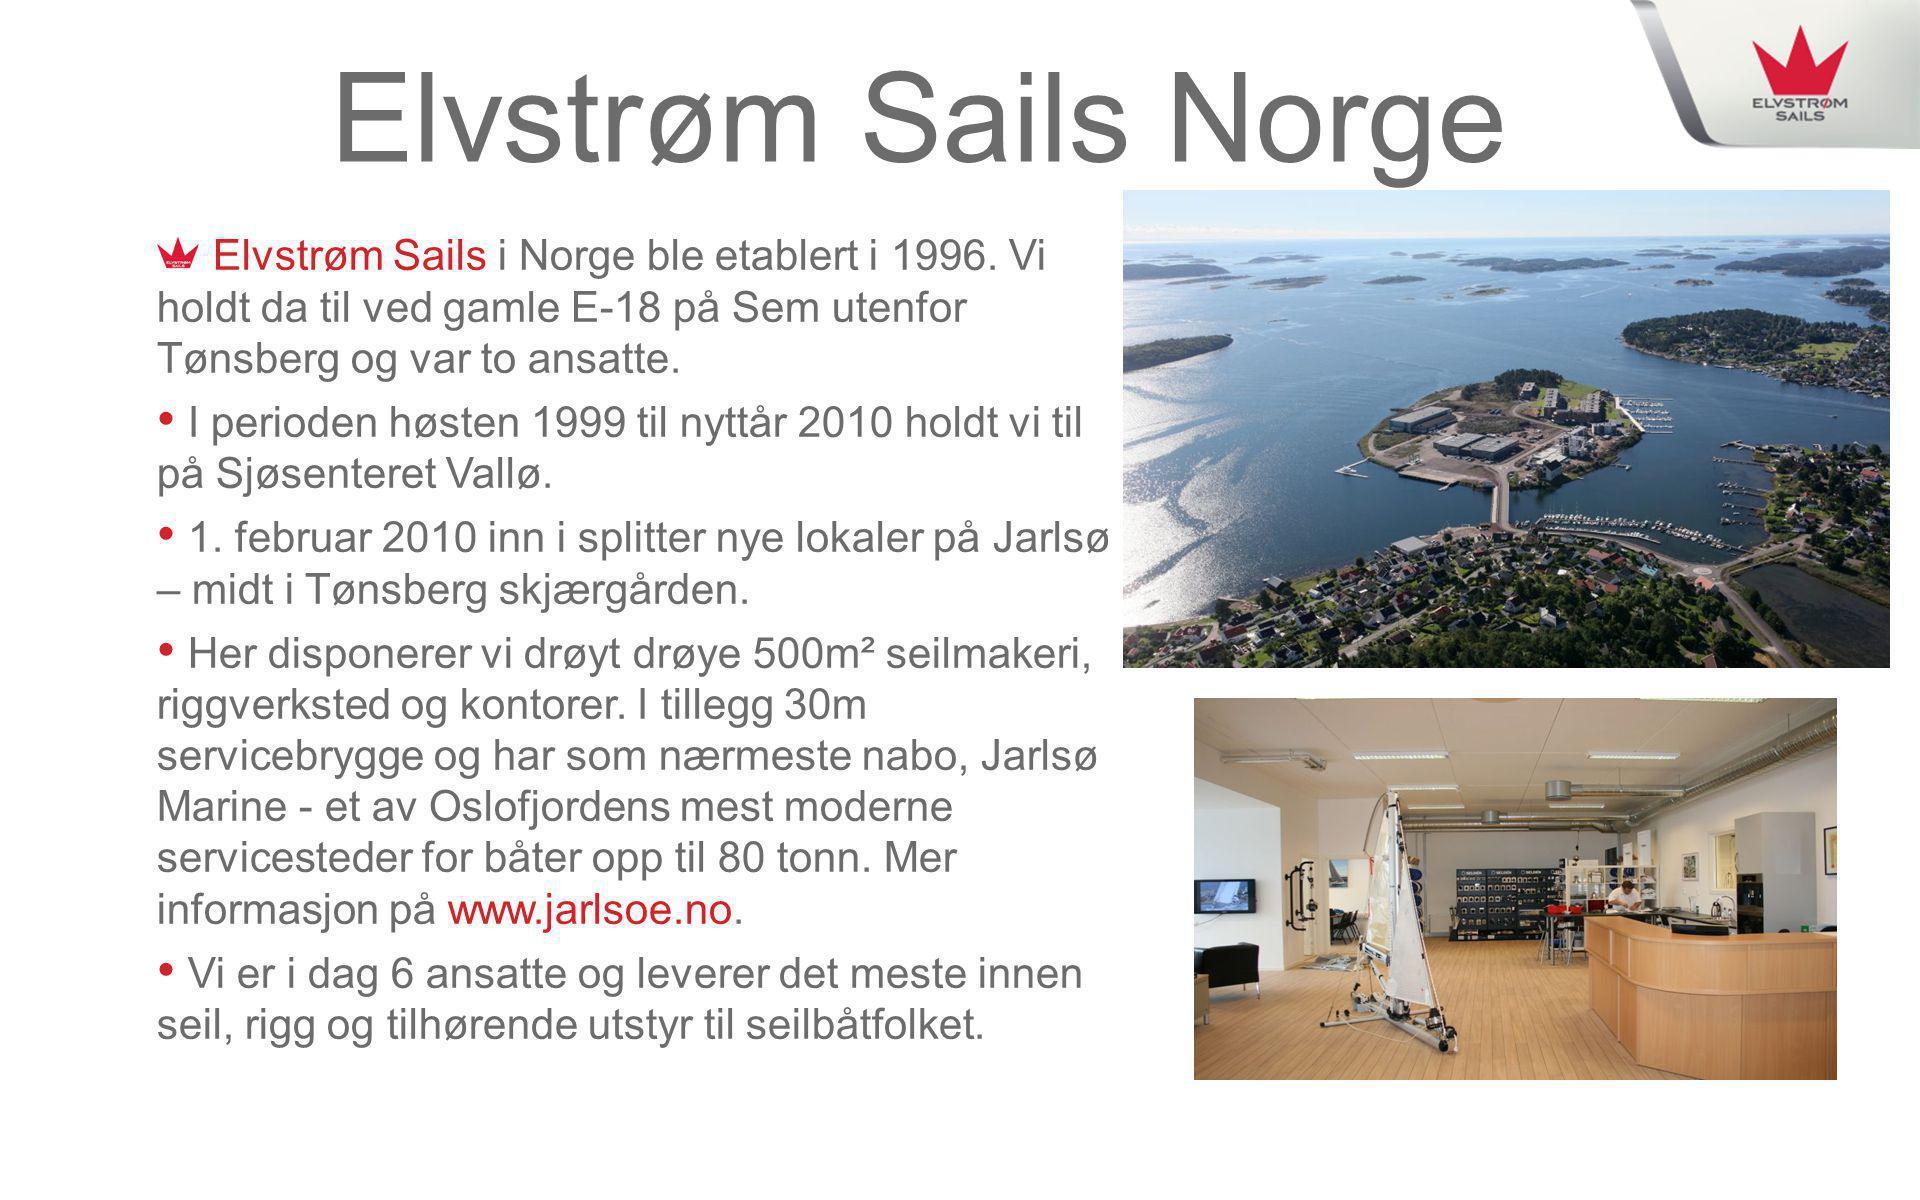 Elvstrøm Sails Norge Elvstrøm Sails i Norge ble etablert i 1996. Vi holdt da til ved gamle E-18 på Sem utenfor Tønsberg og var to ansatte.